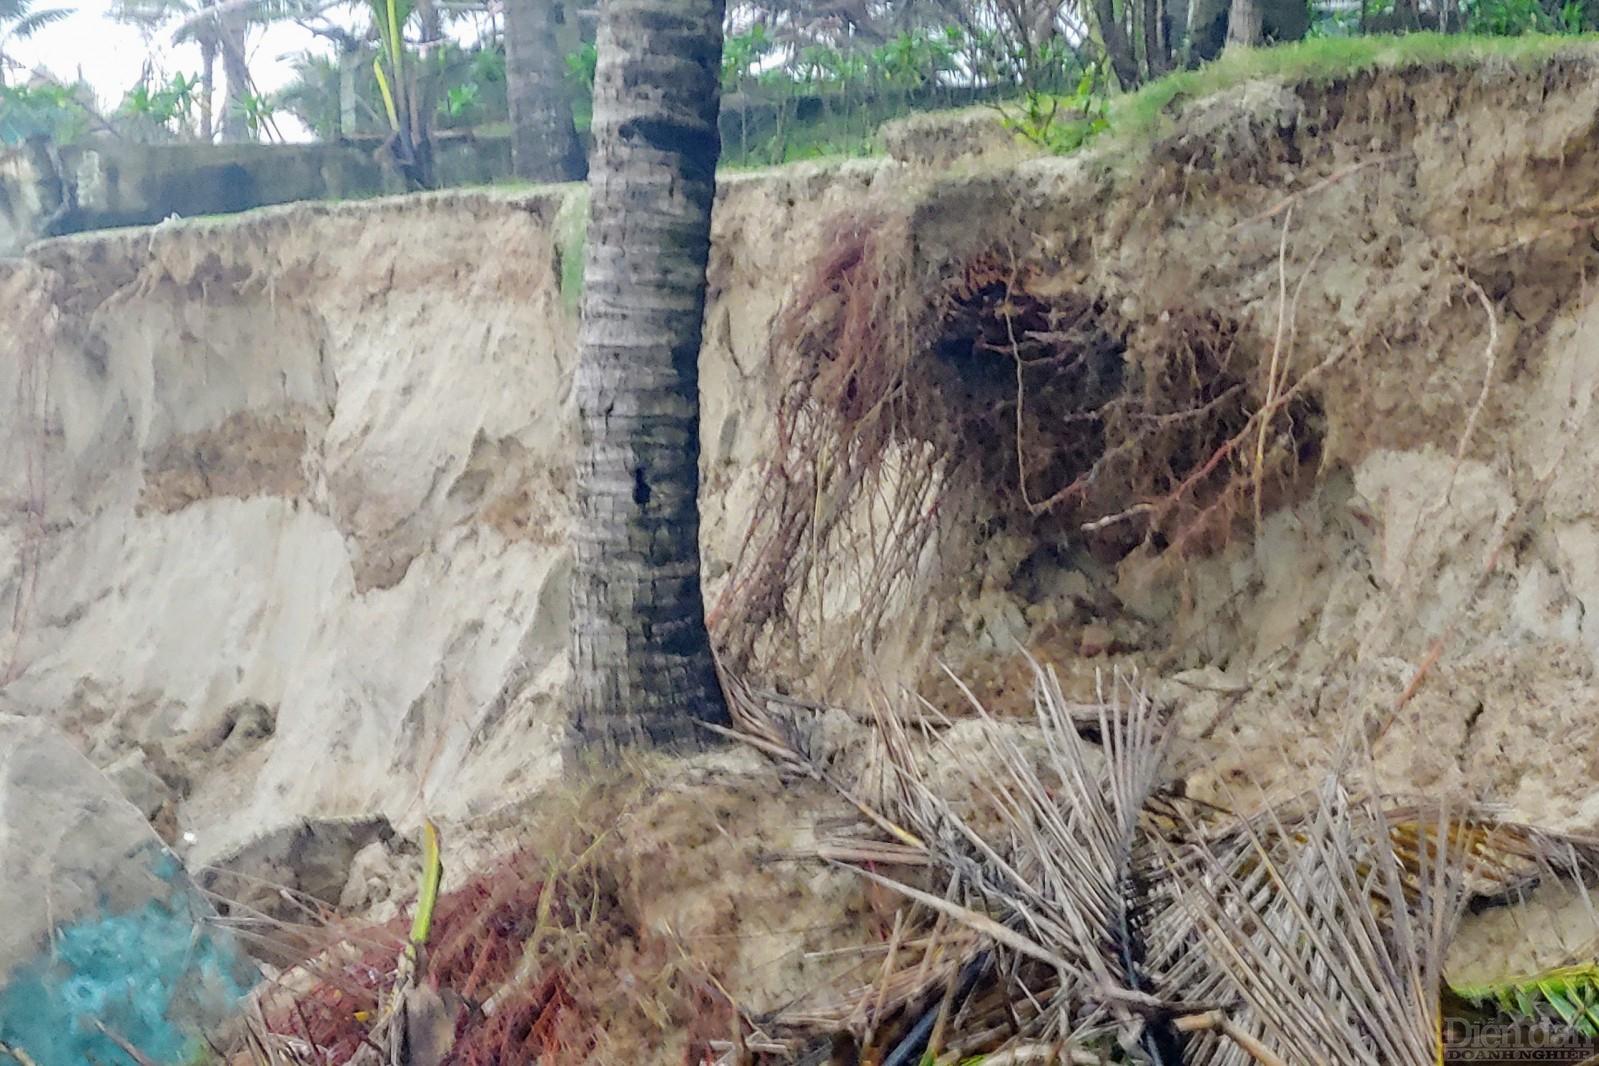 Đất bị sạt lở, hàng dừa cũng đã bị sóng làm cho ngã đổ hết.